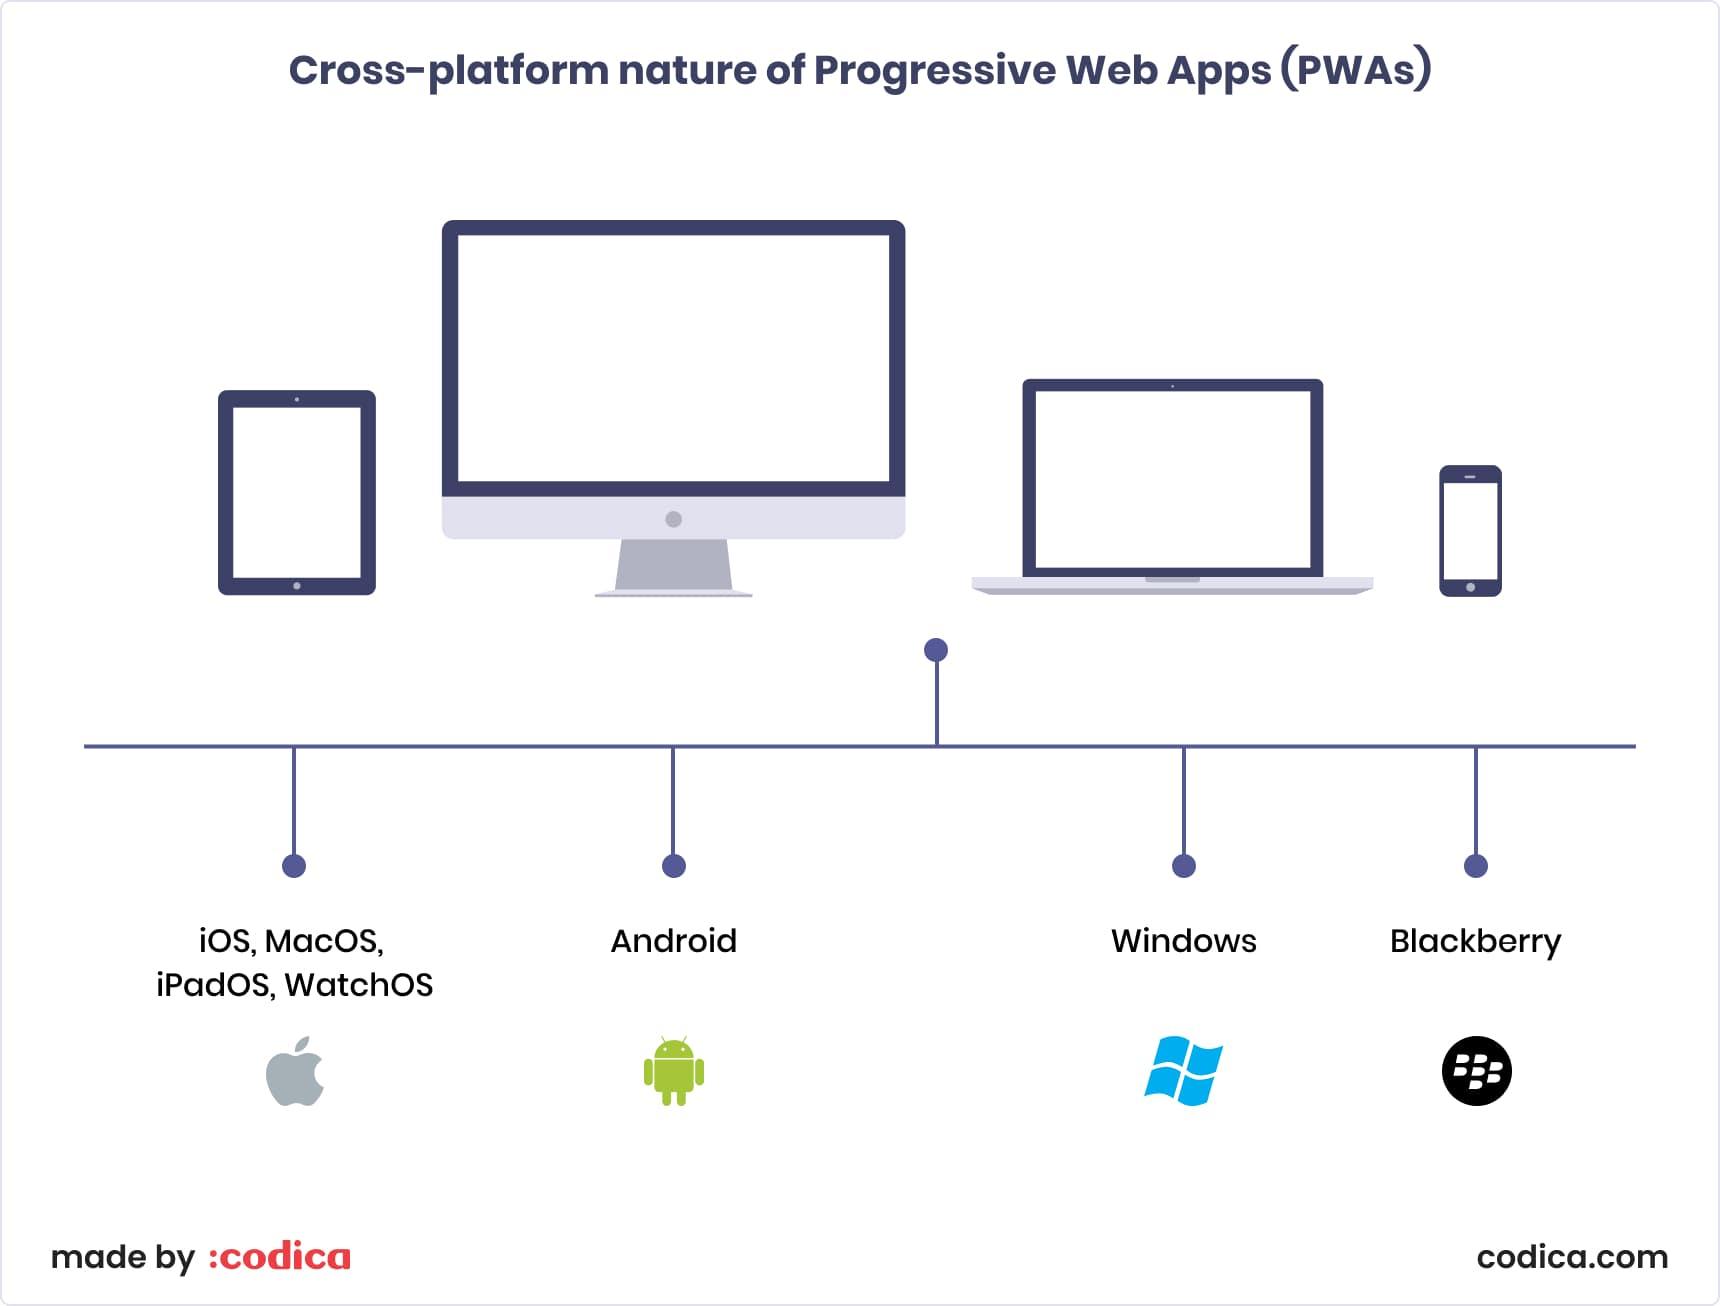 Cross-platform nature of PWA